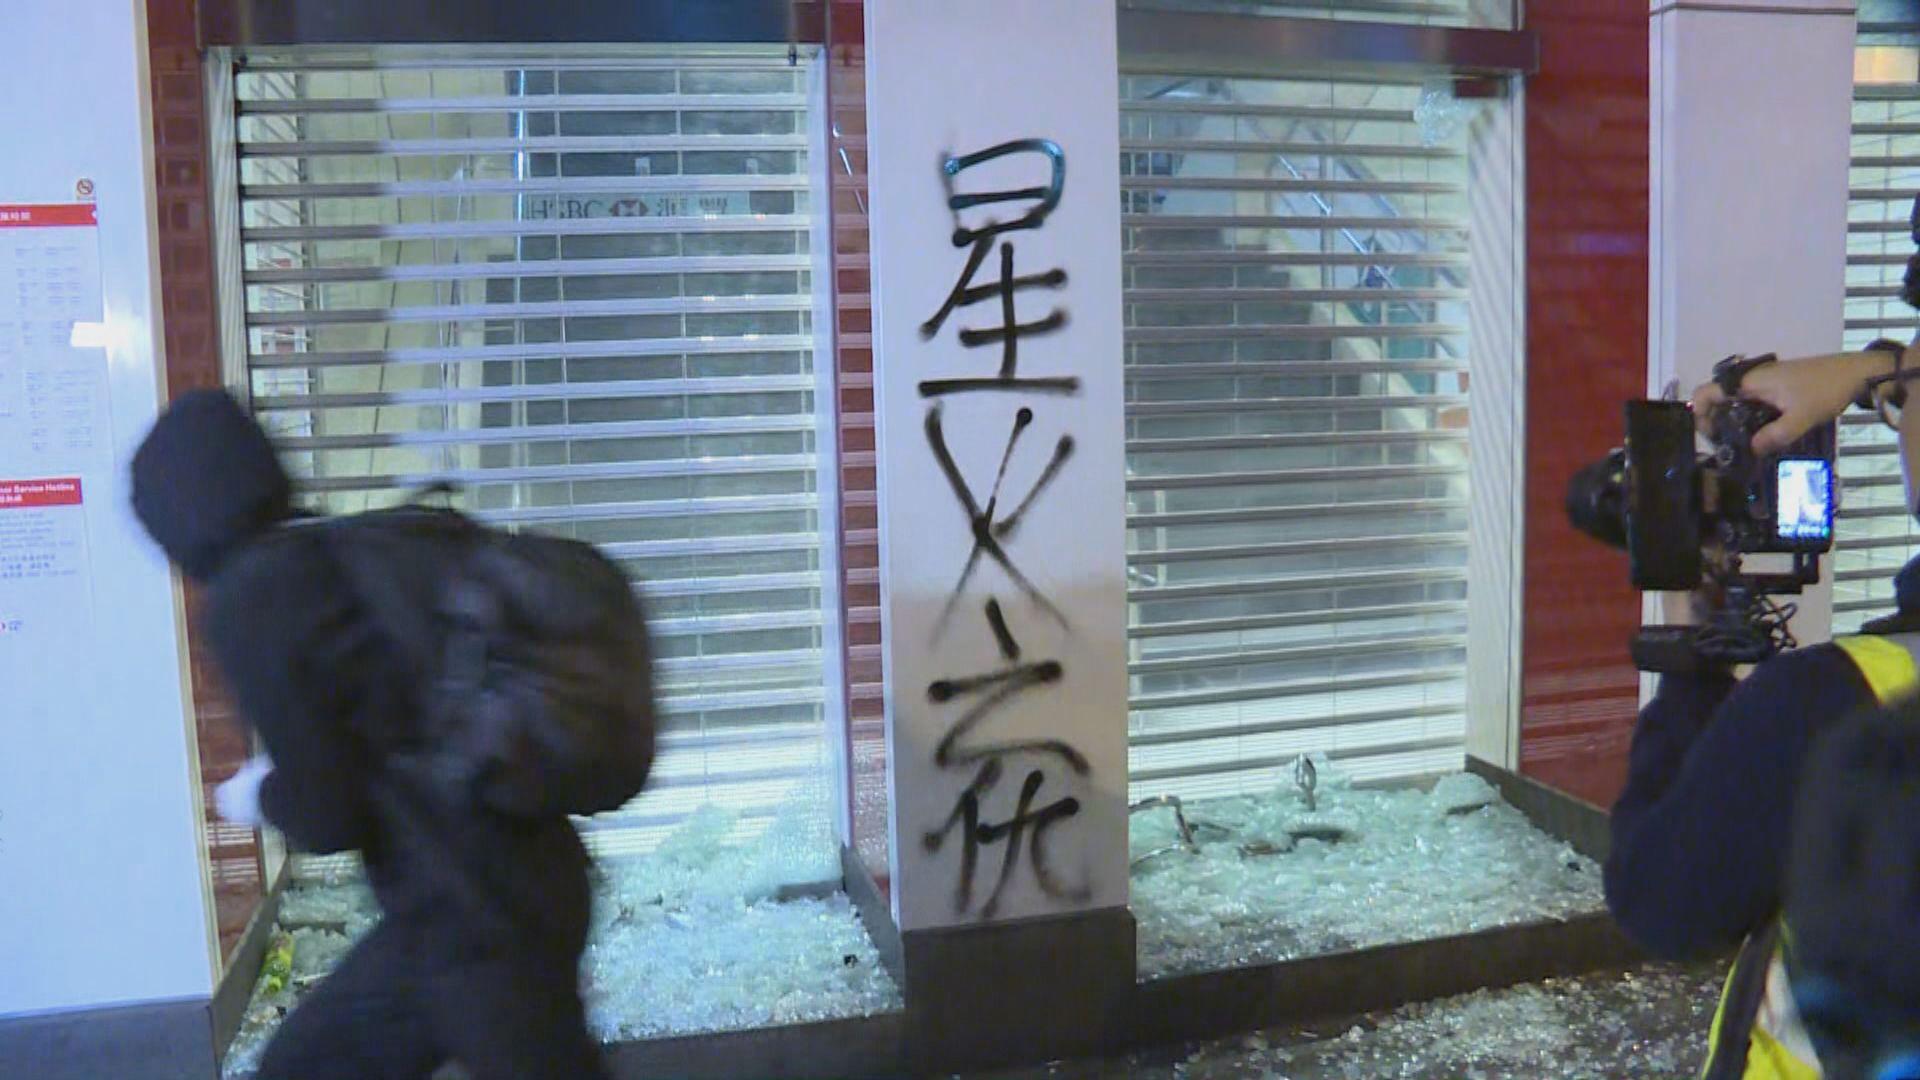 旺角有示威者港鐵站外縱火及破壞滙豐銀行分行